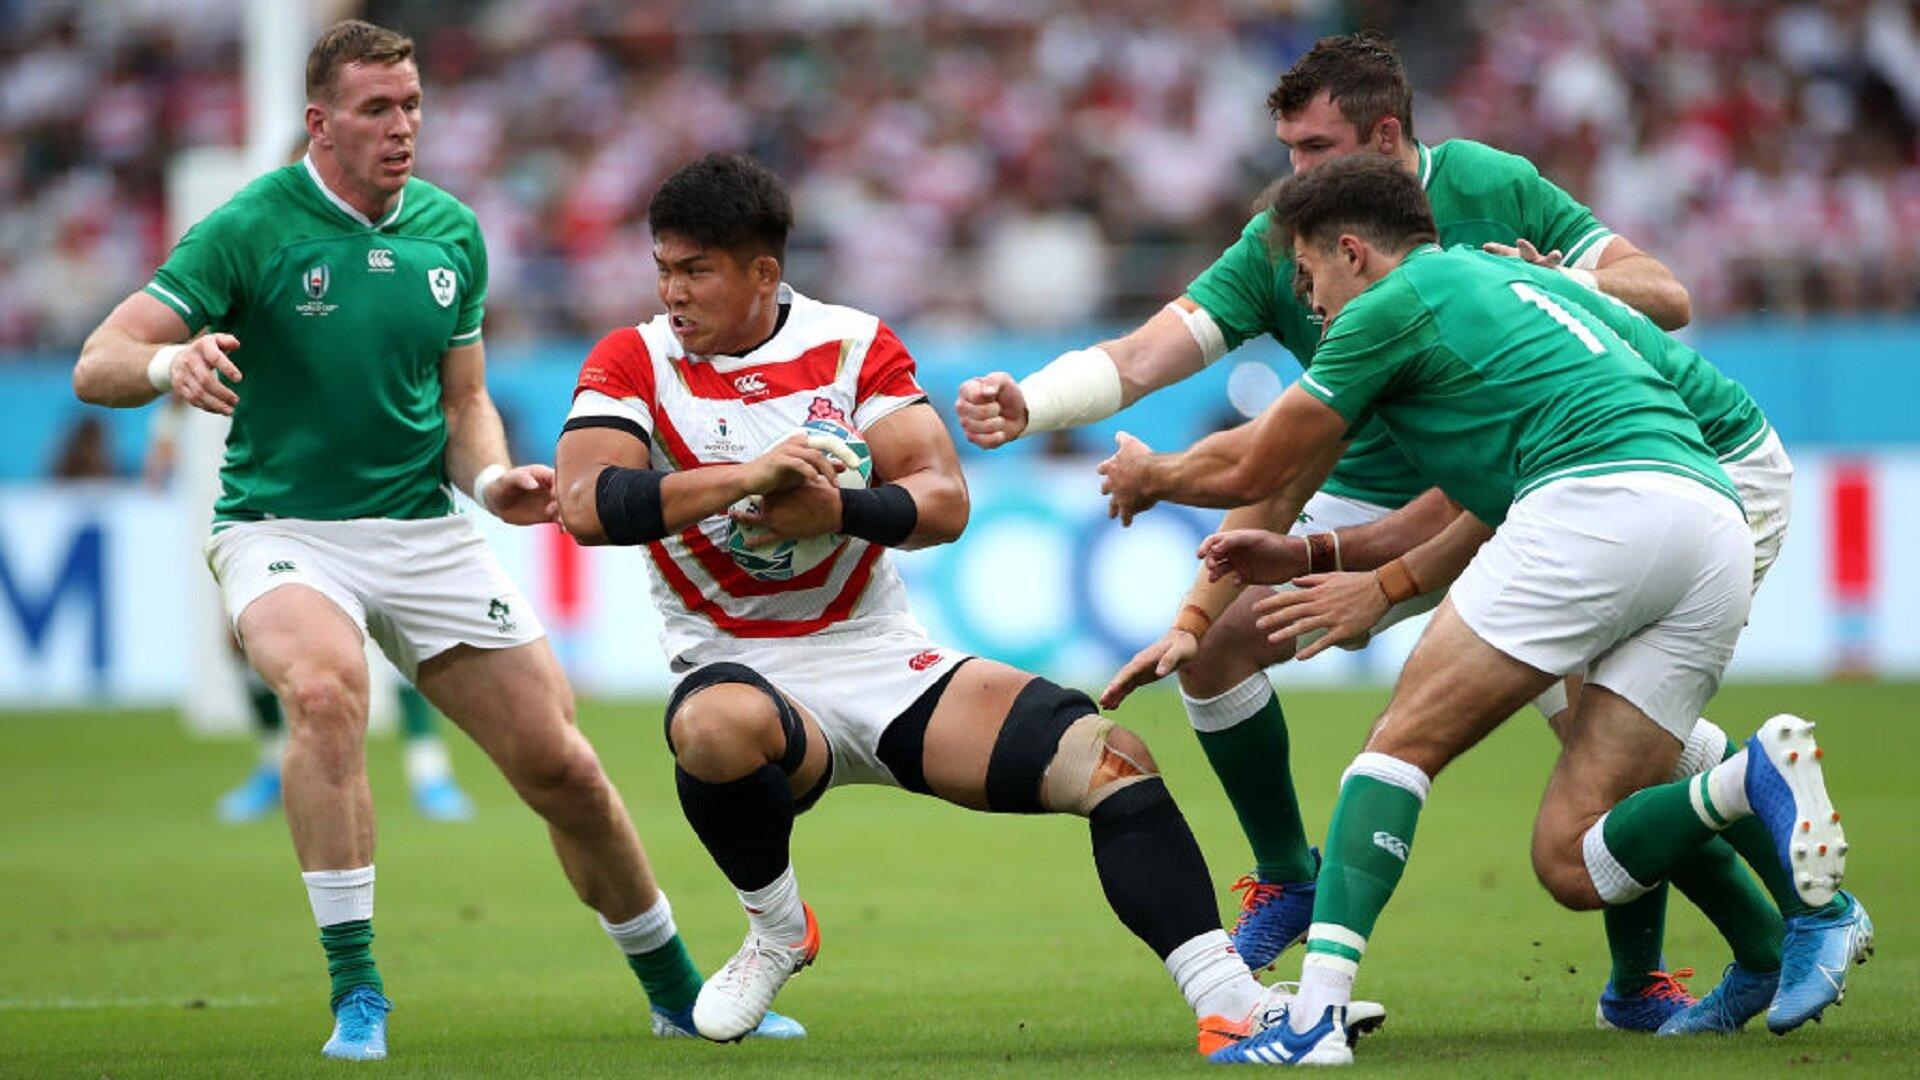 RugbyPass Top 30 2019